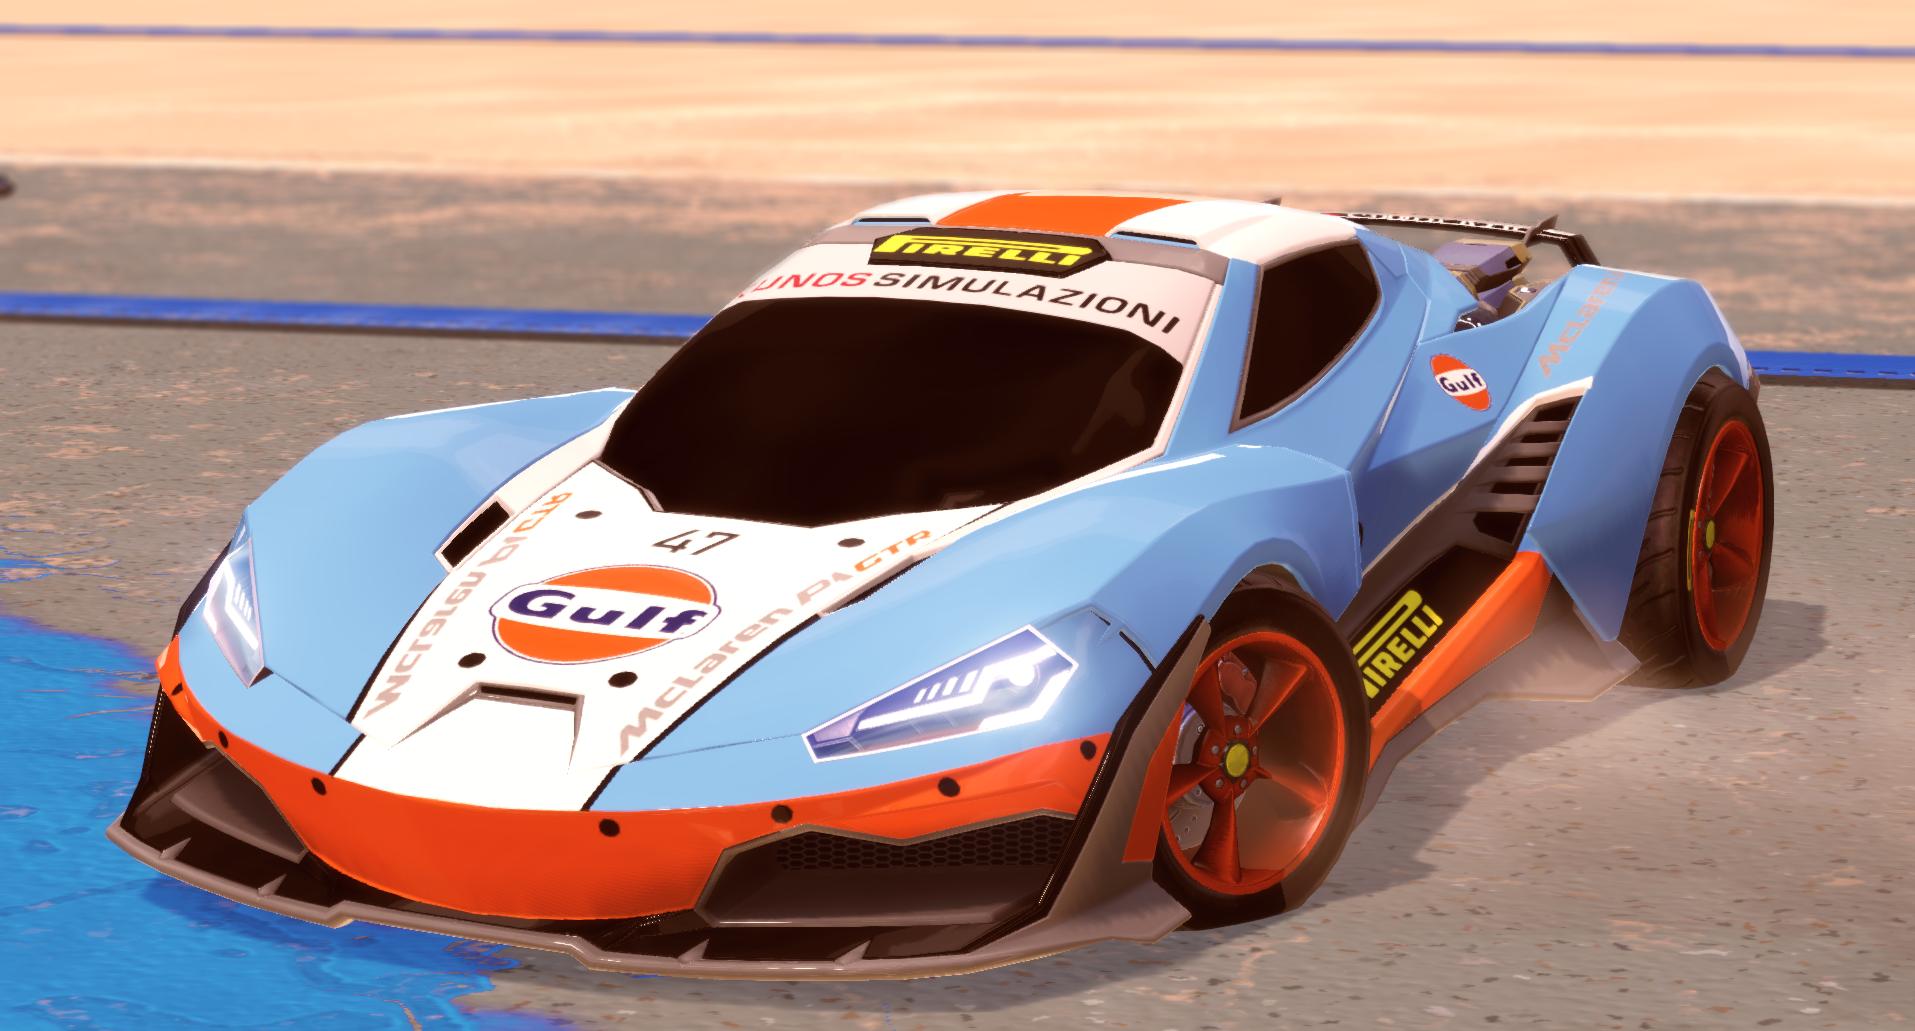 Gulf Racing Cyclone Livery!